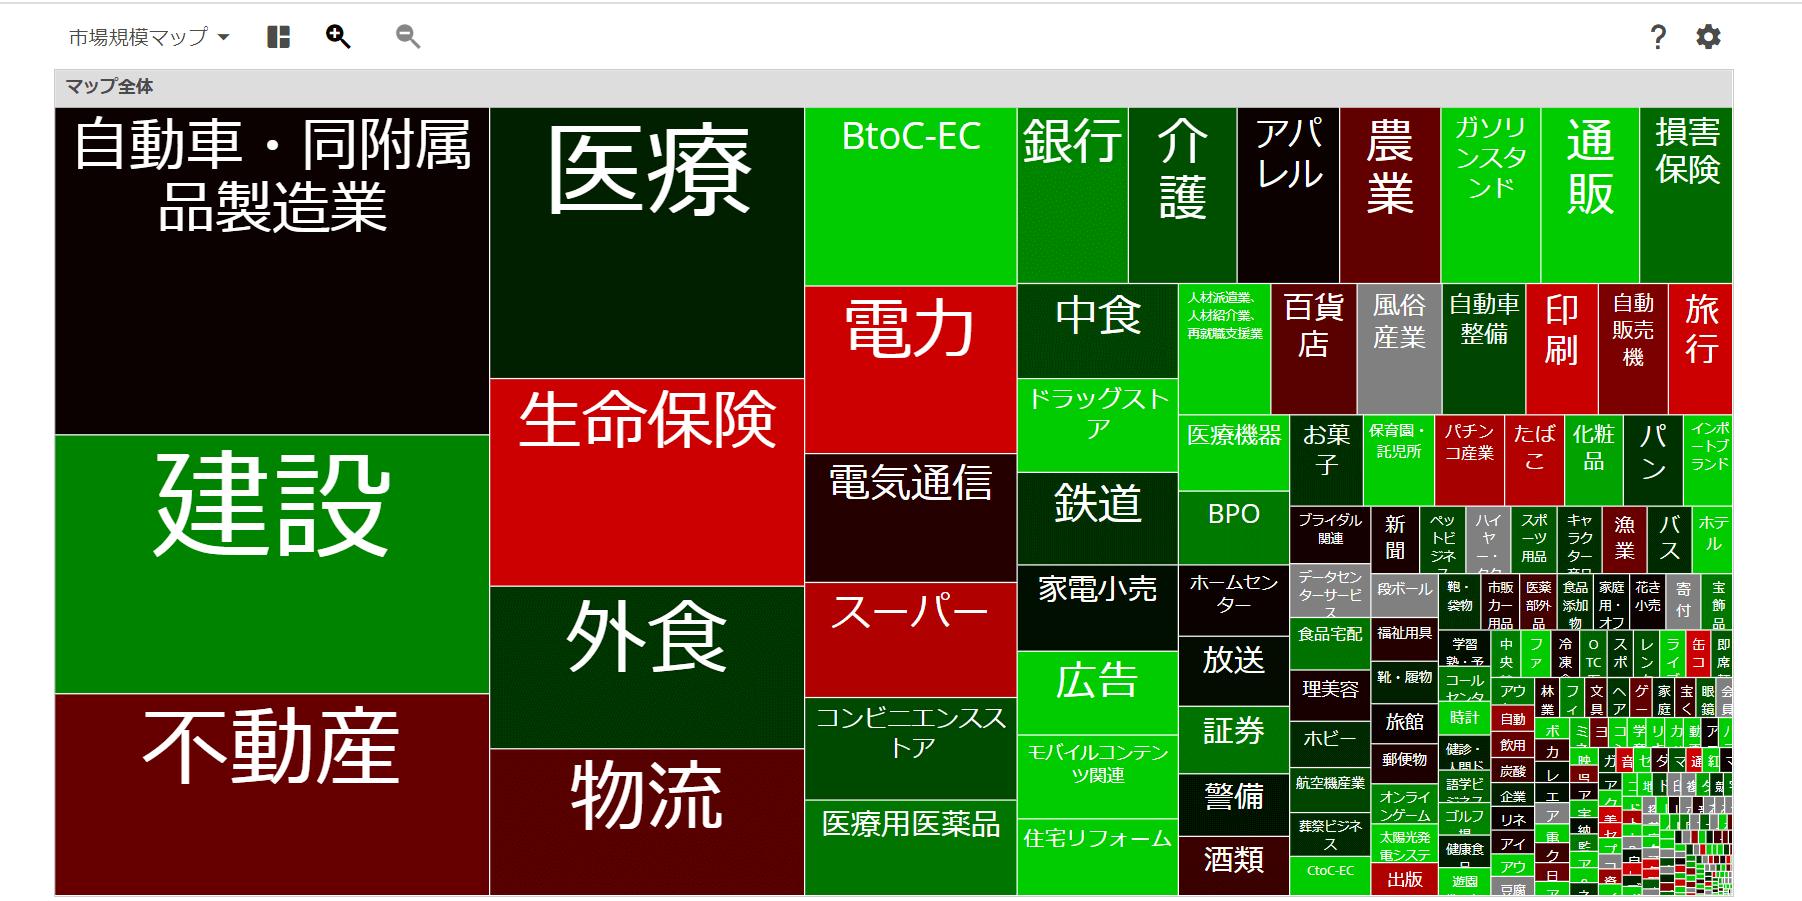 市場規模マップ